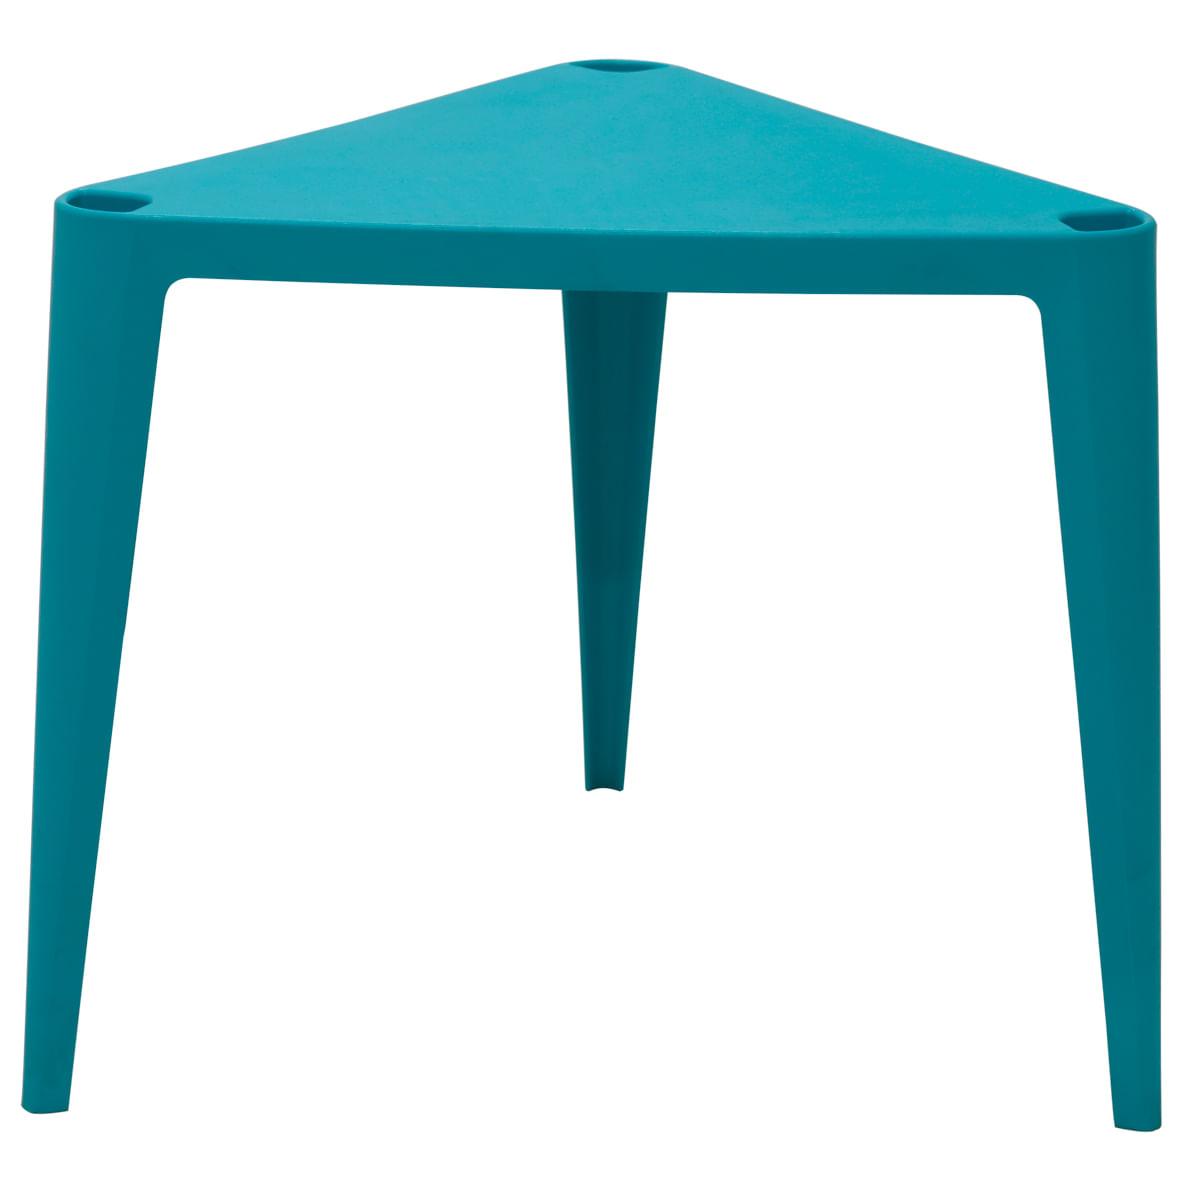 Conjunto de Mesa e Cadeira Tramontina Sofia Infantil Azul em Polipropileno e Fibra de Vidro 2 Peças